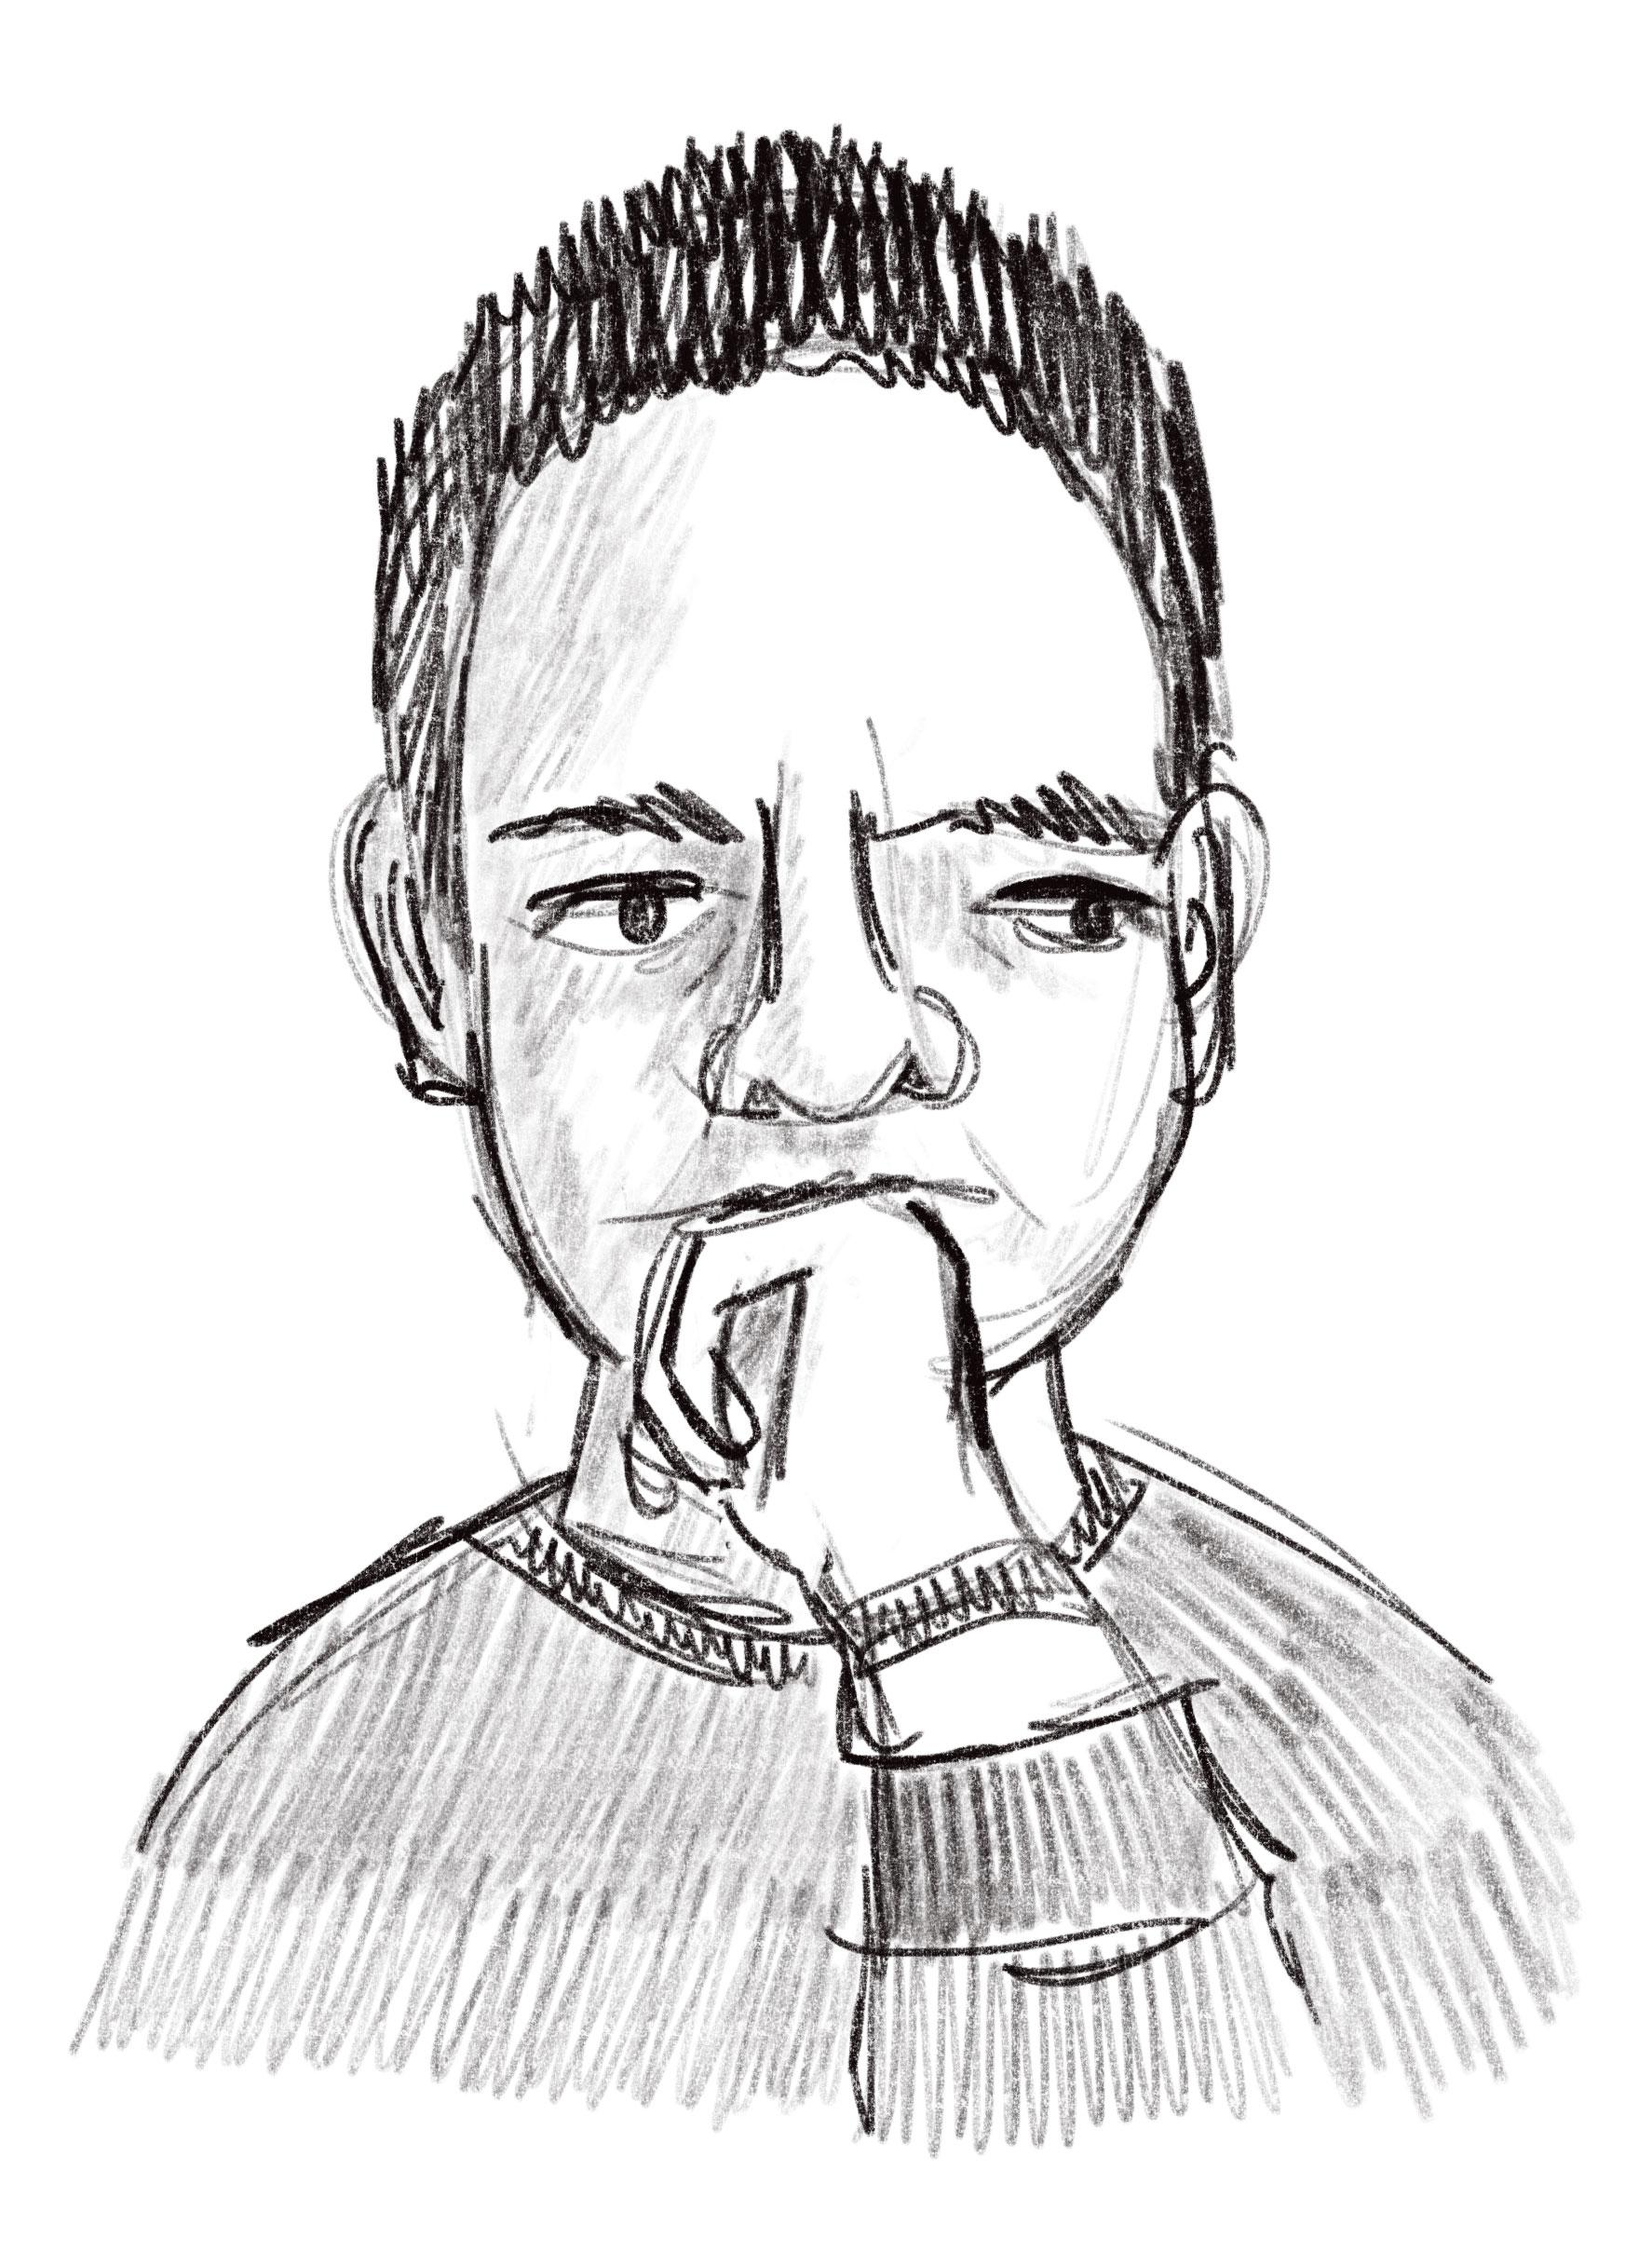 sketch06_1.9.18.jpg